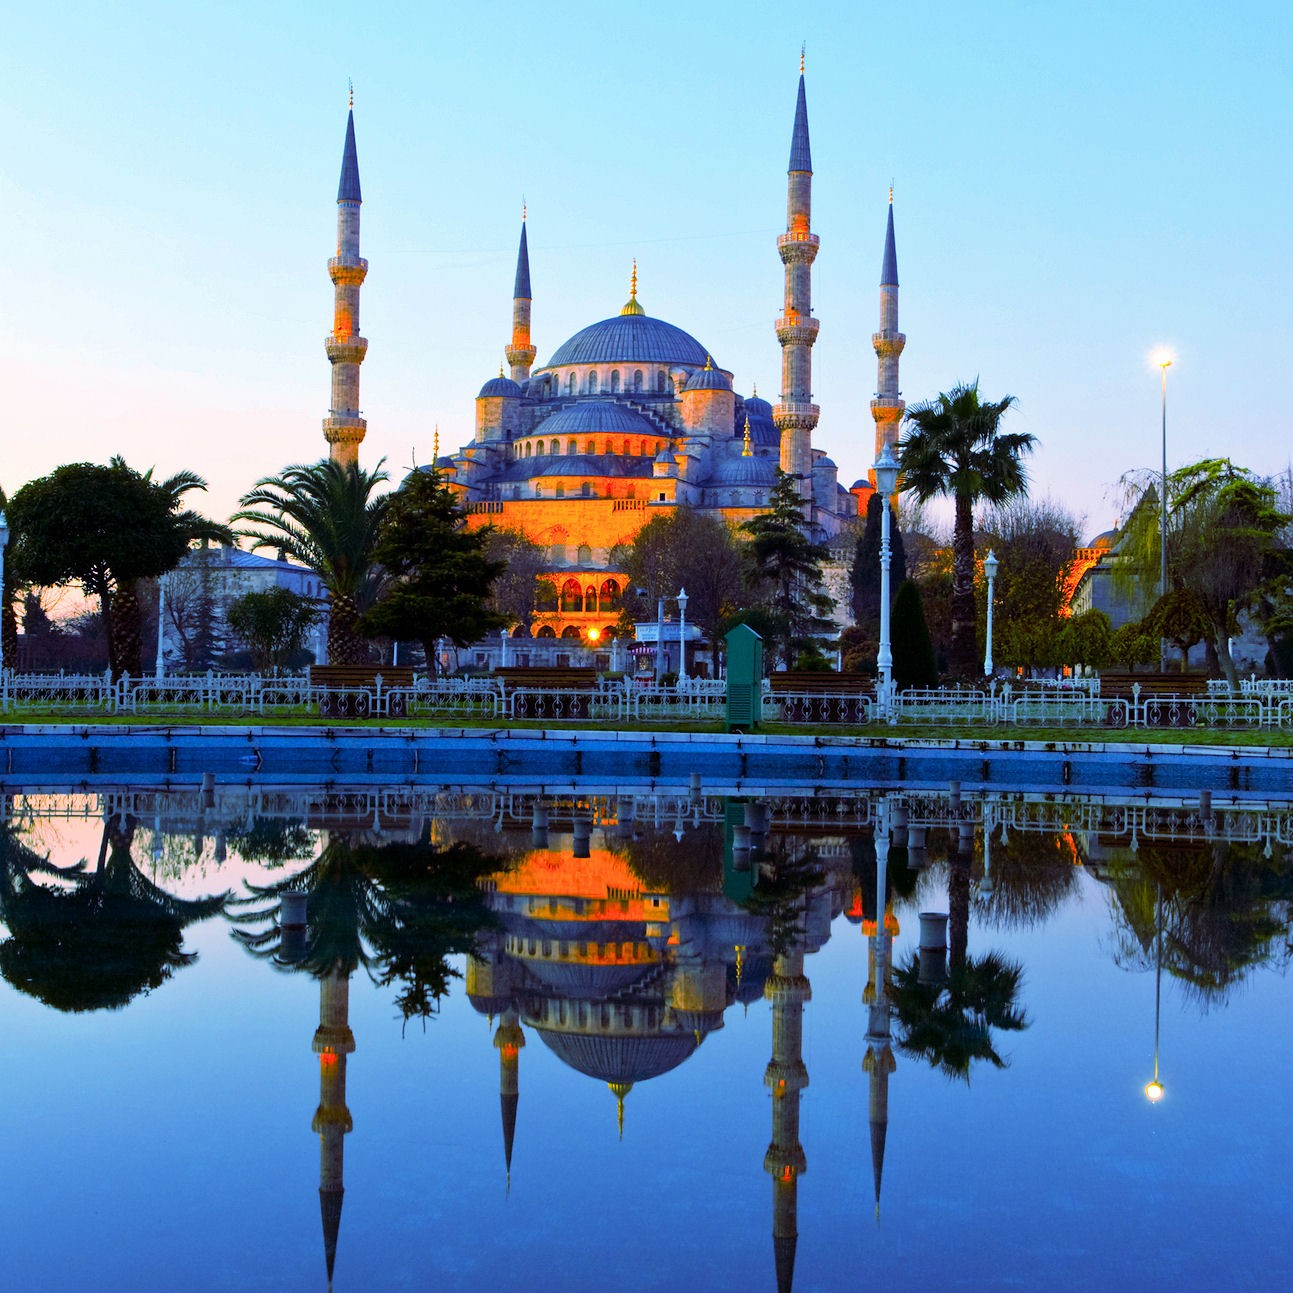 Visit To Turkey Turkey Hd Wallpapers 1293x1293